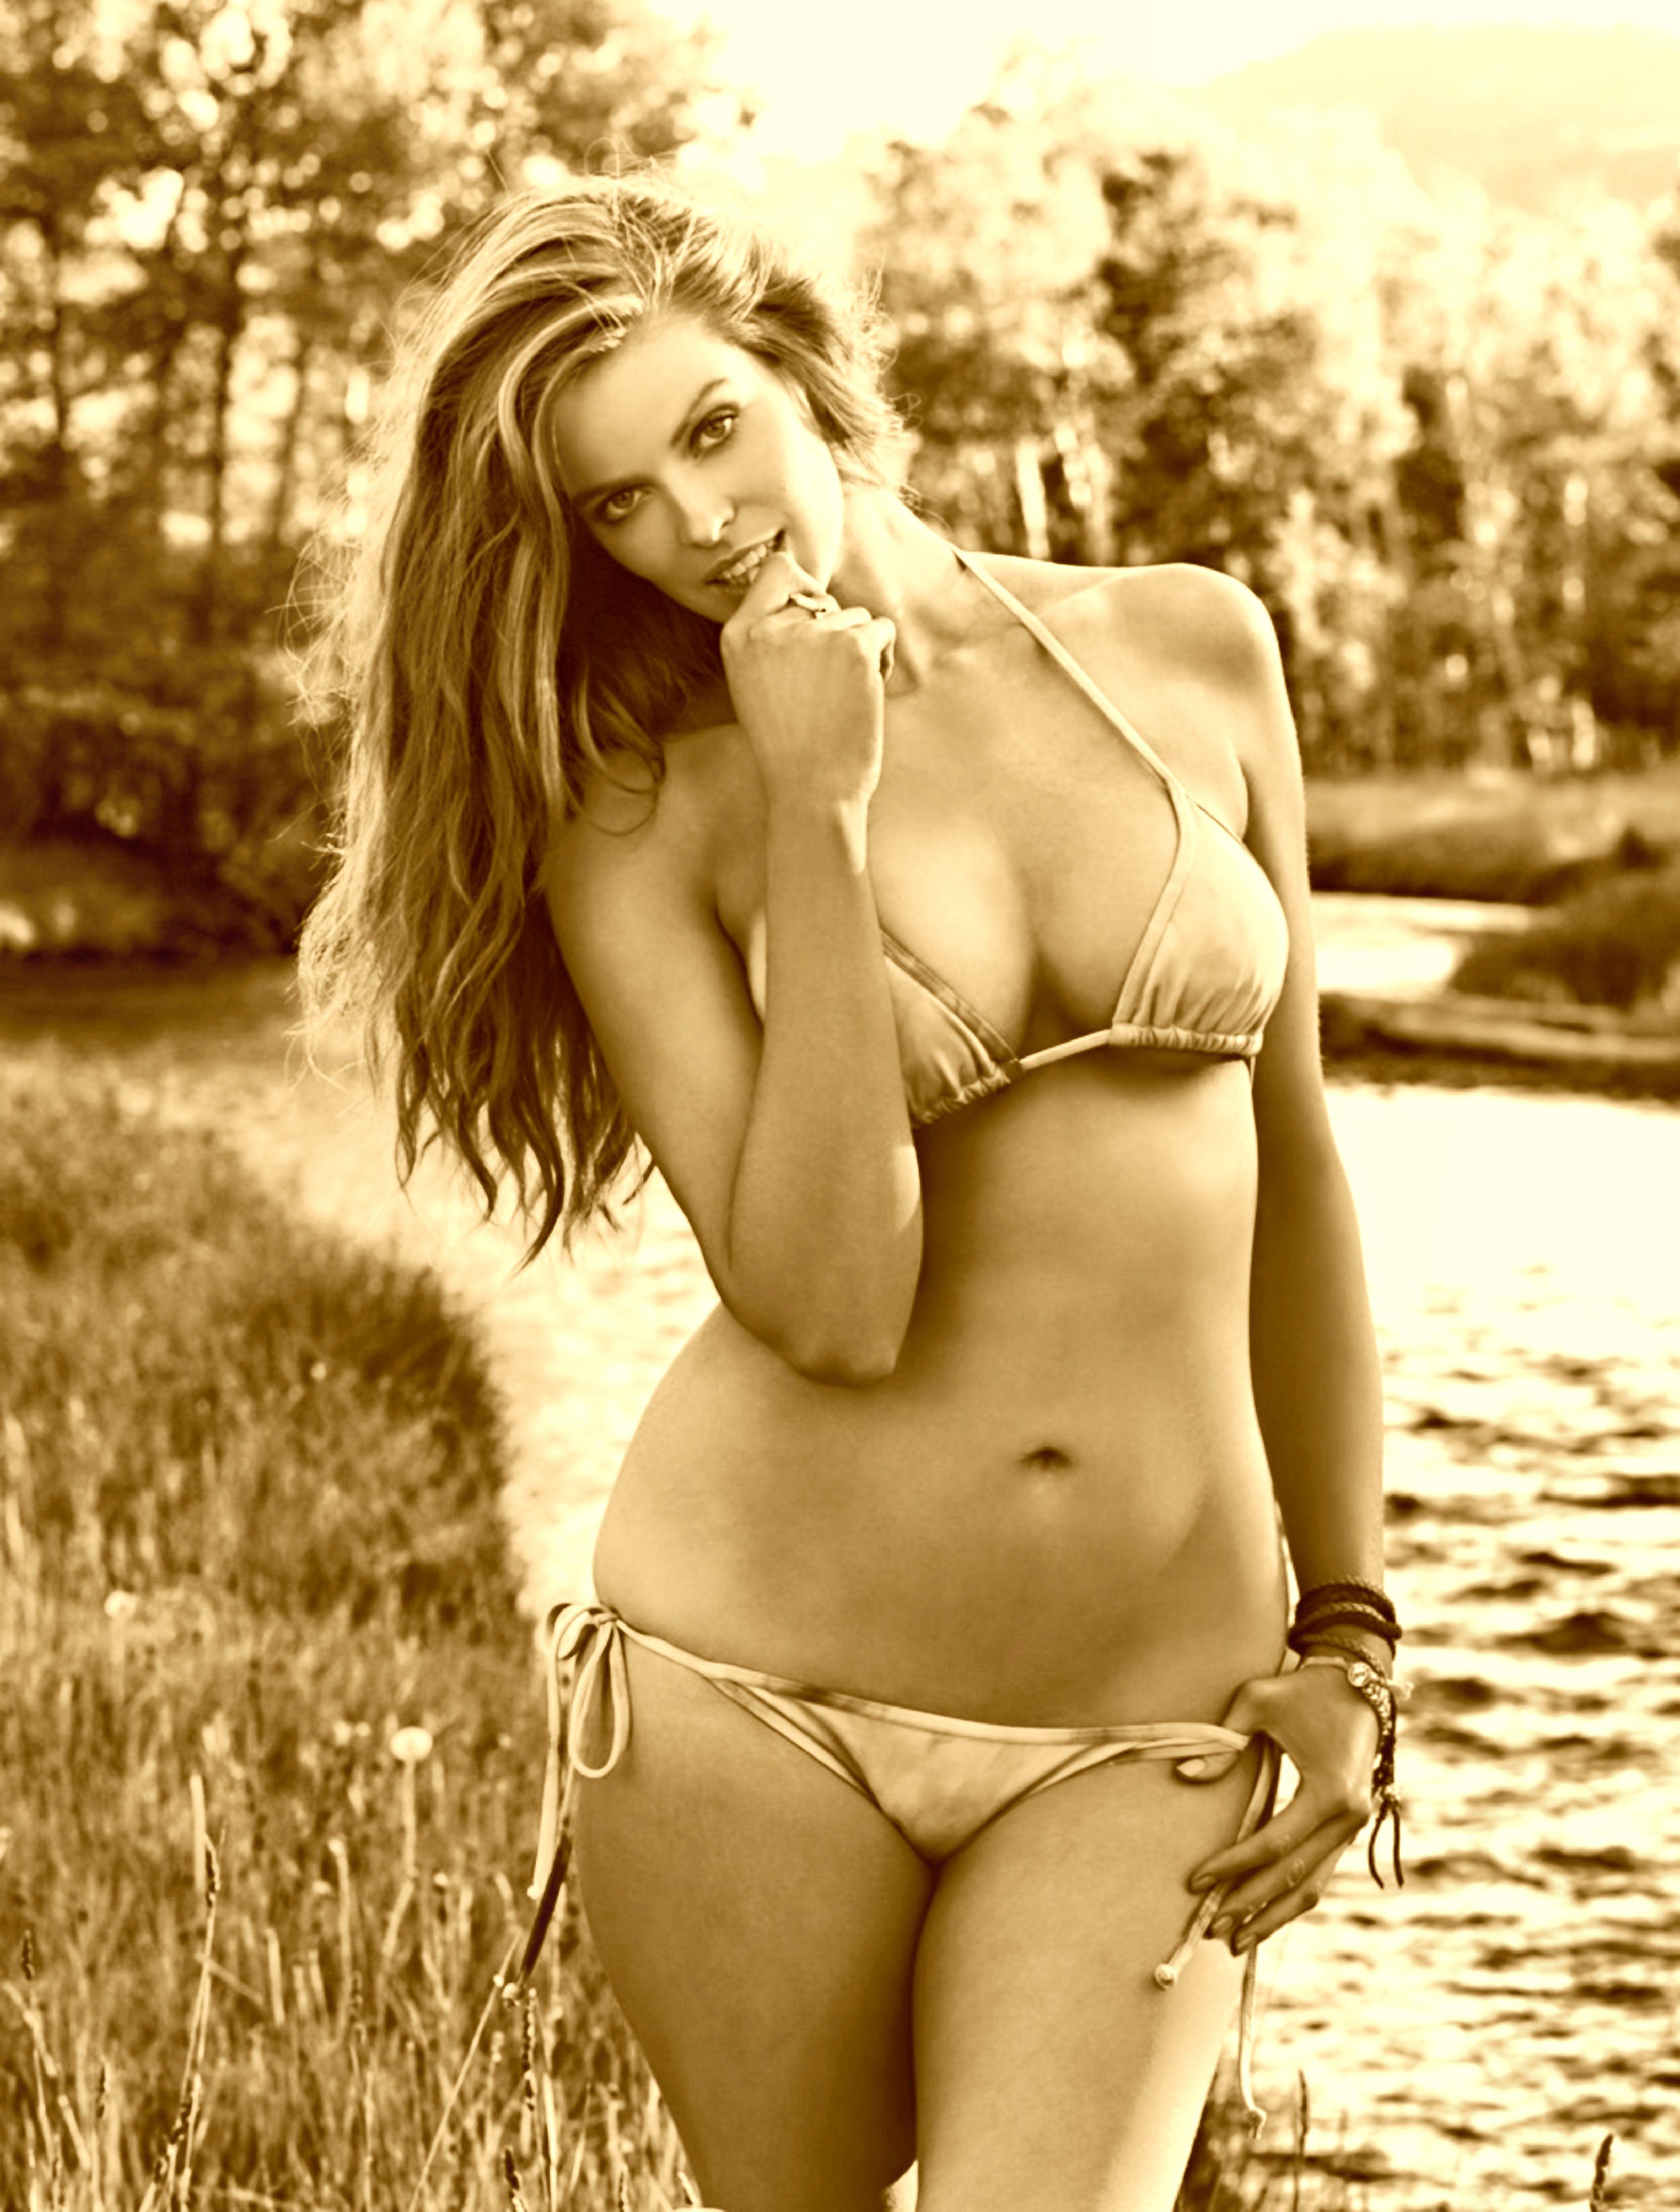 Фото молоденьких пышных голых девушек